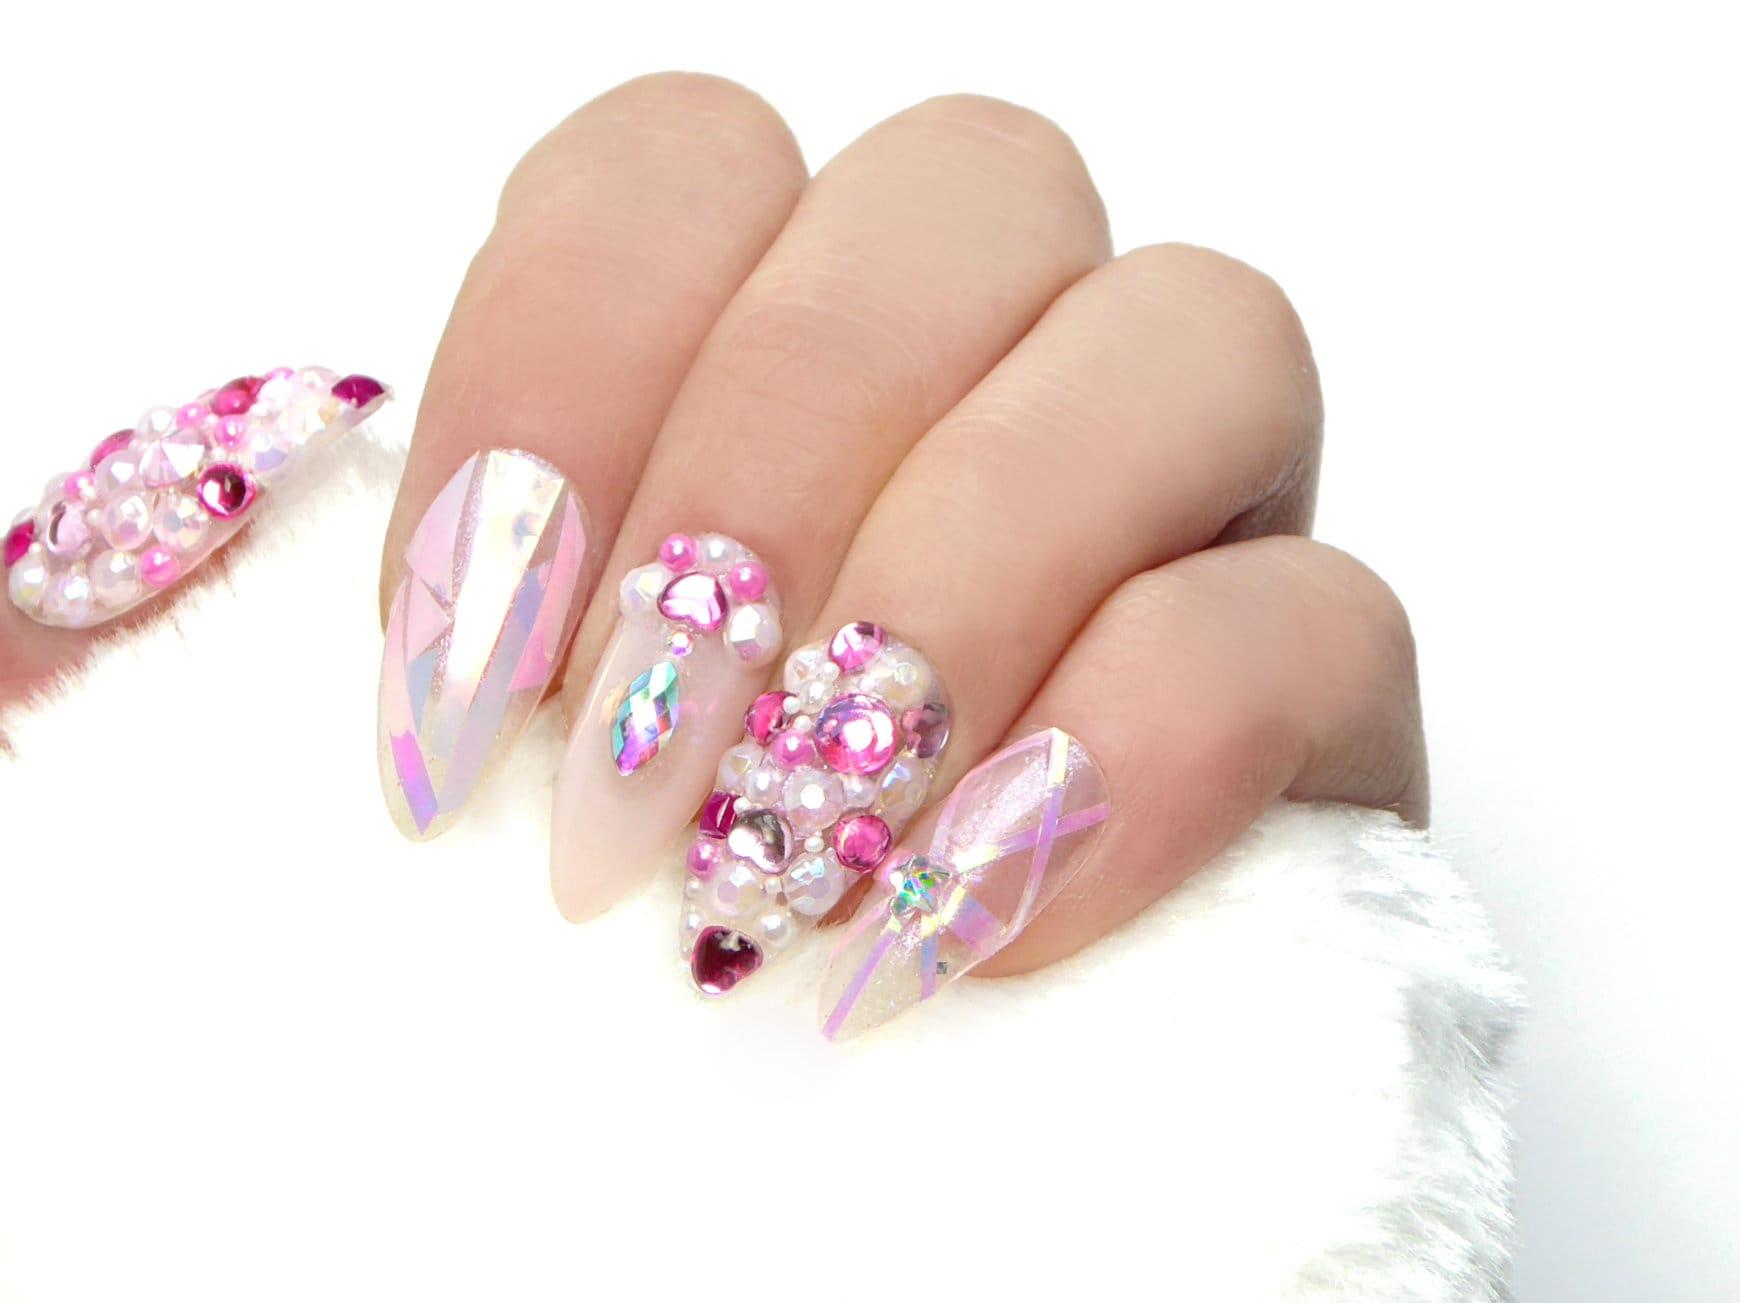 Rosa Kawaii Schmuck Nägel / künstliche Nägel drücken Sie auf